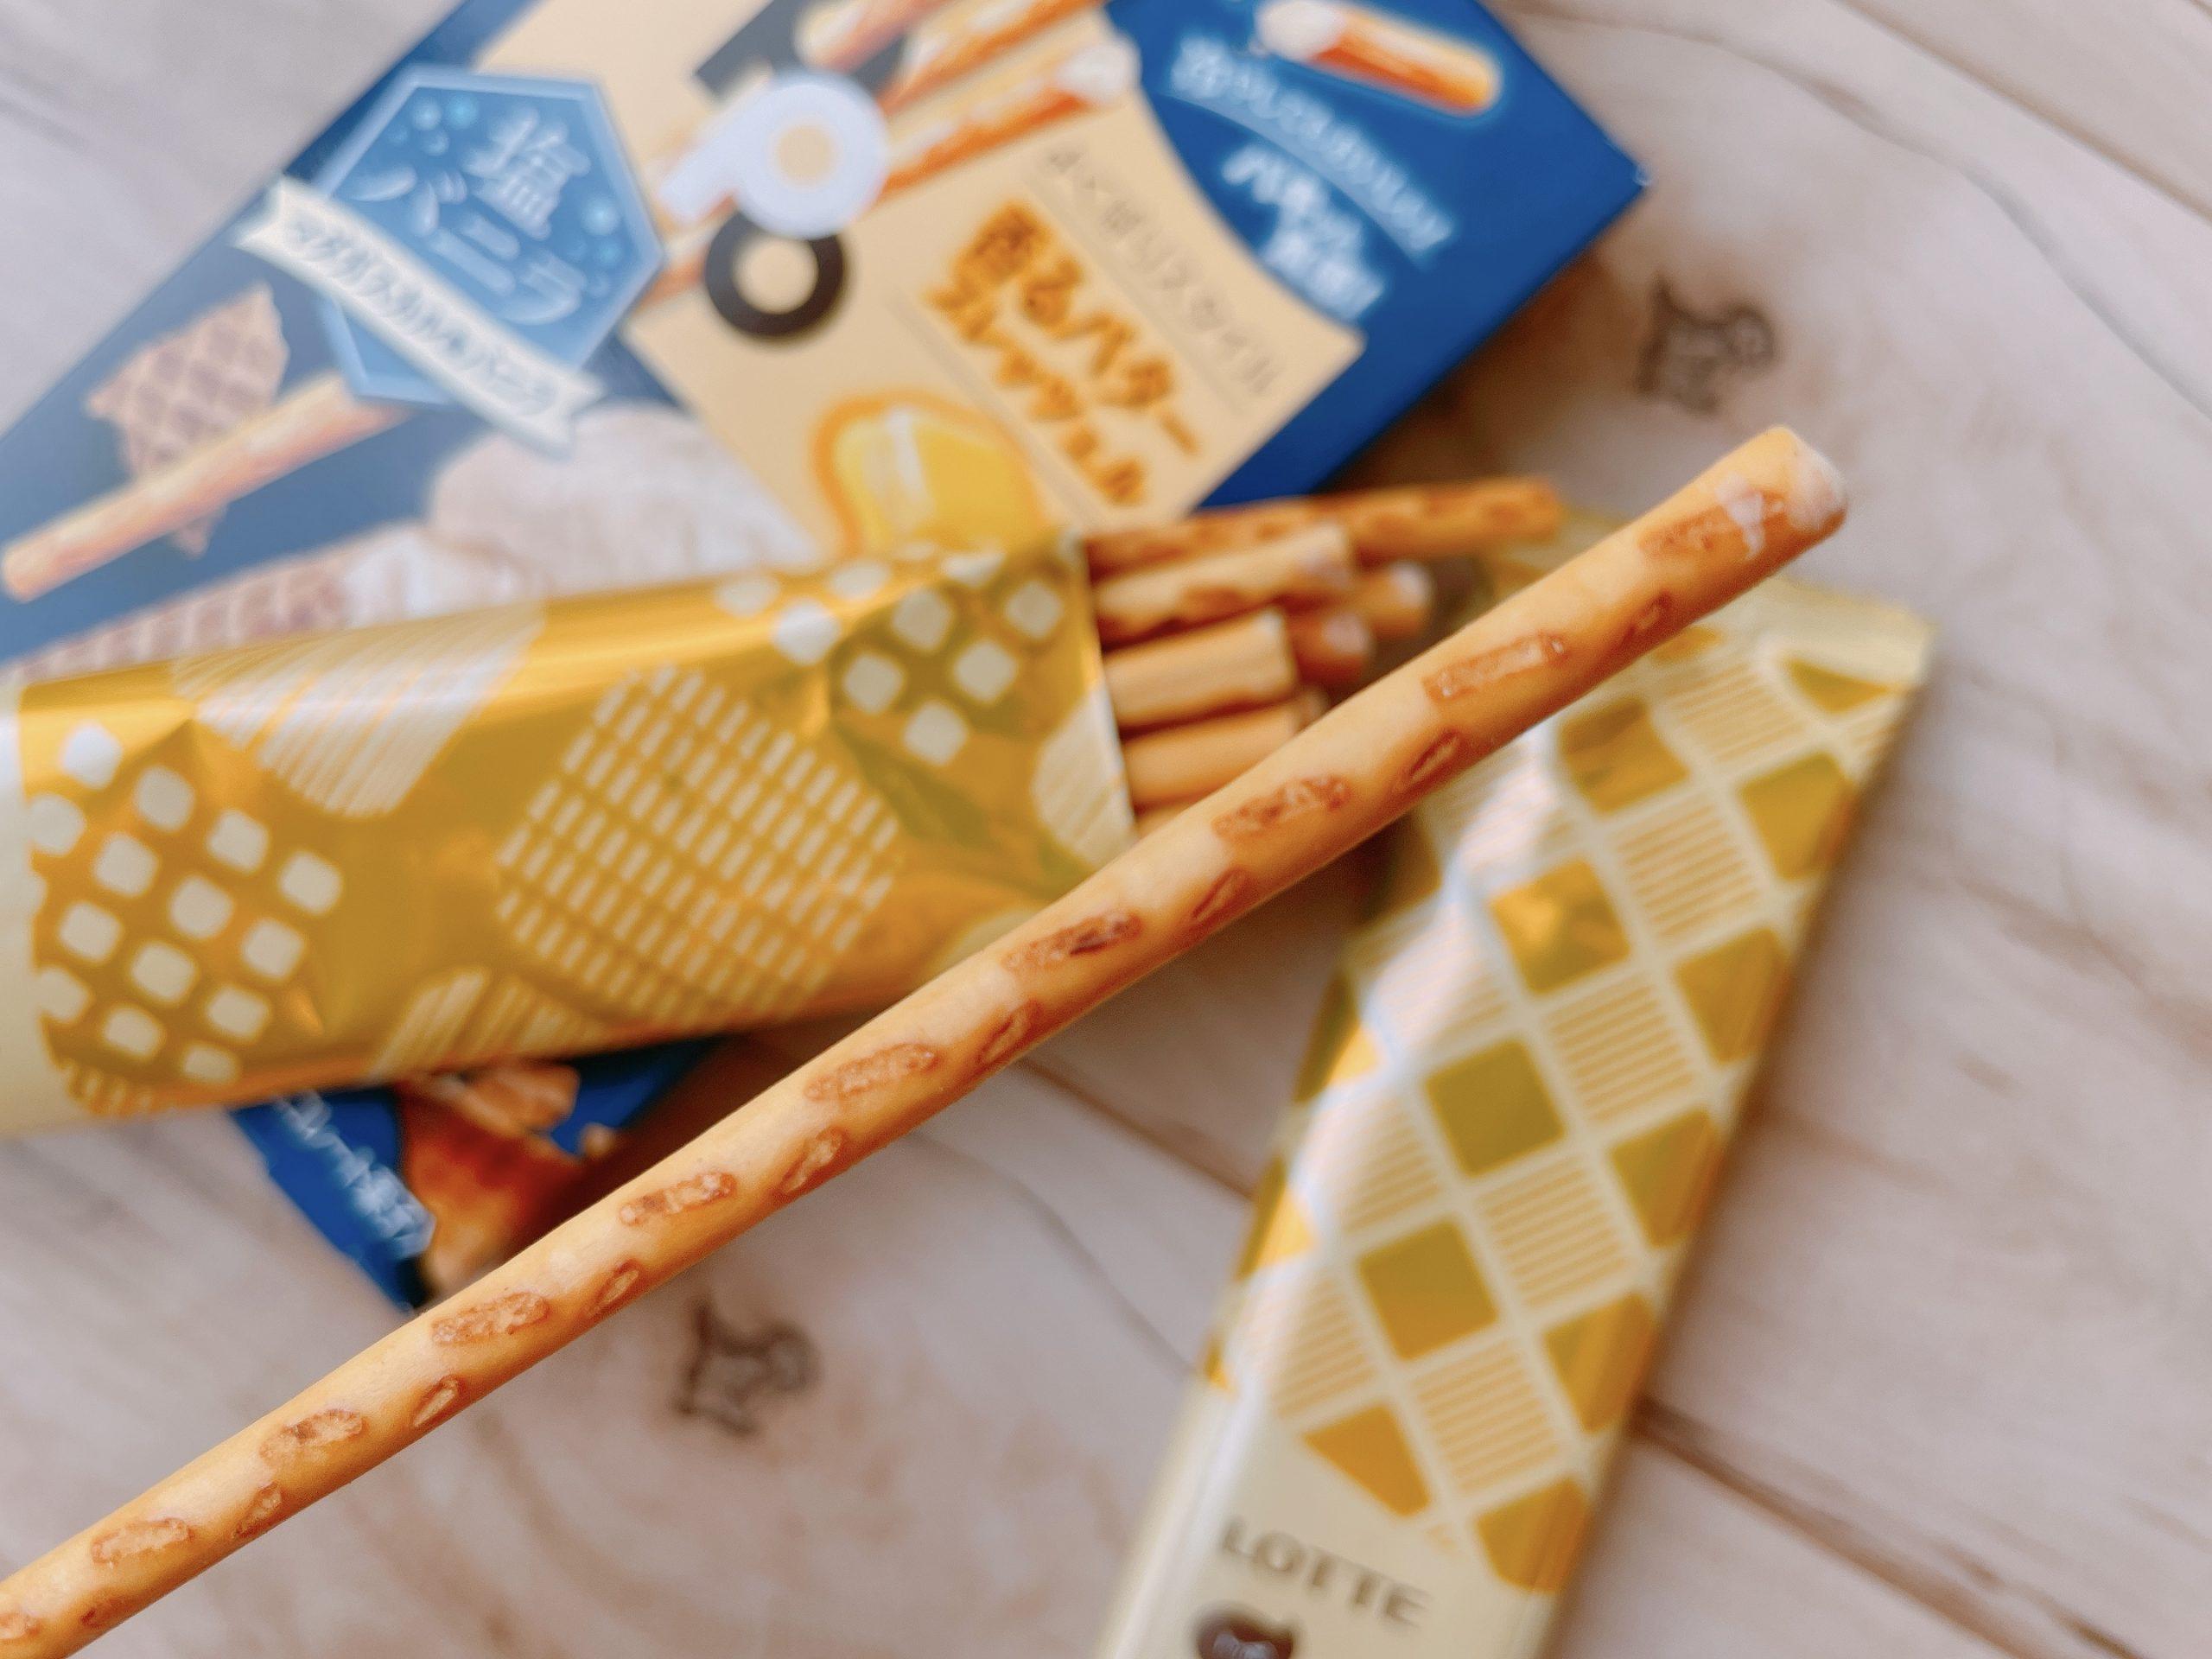 トッポ<塩バニラ>は、バニラ!バター!みたいな感じで味がハッキリしている